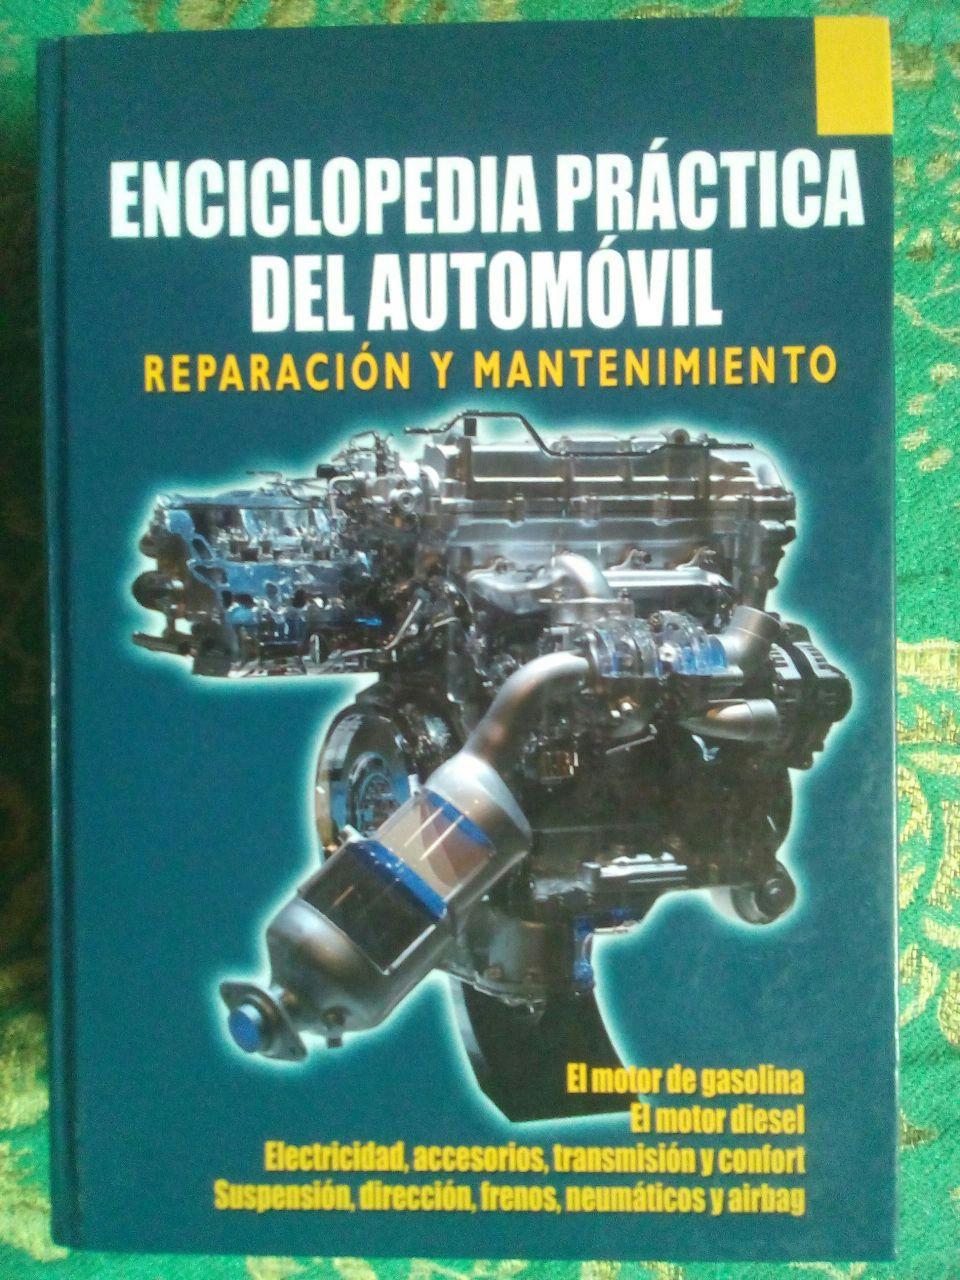 Enciclopedia para Mecánica Automotriz